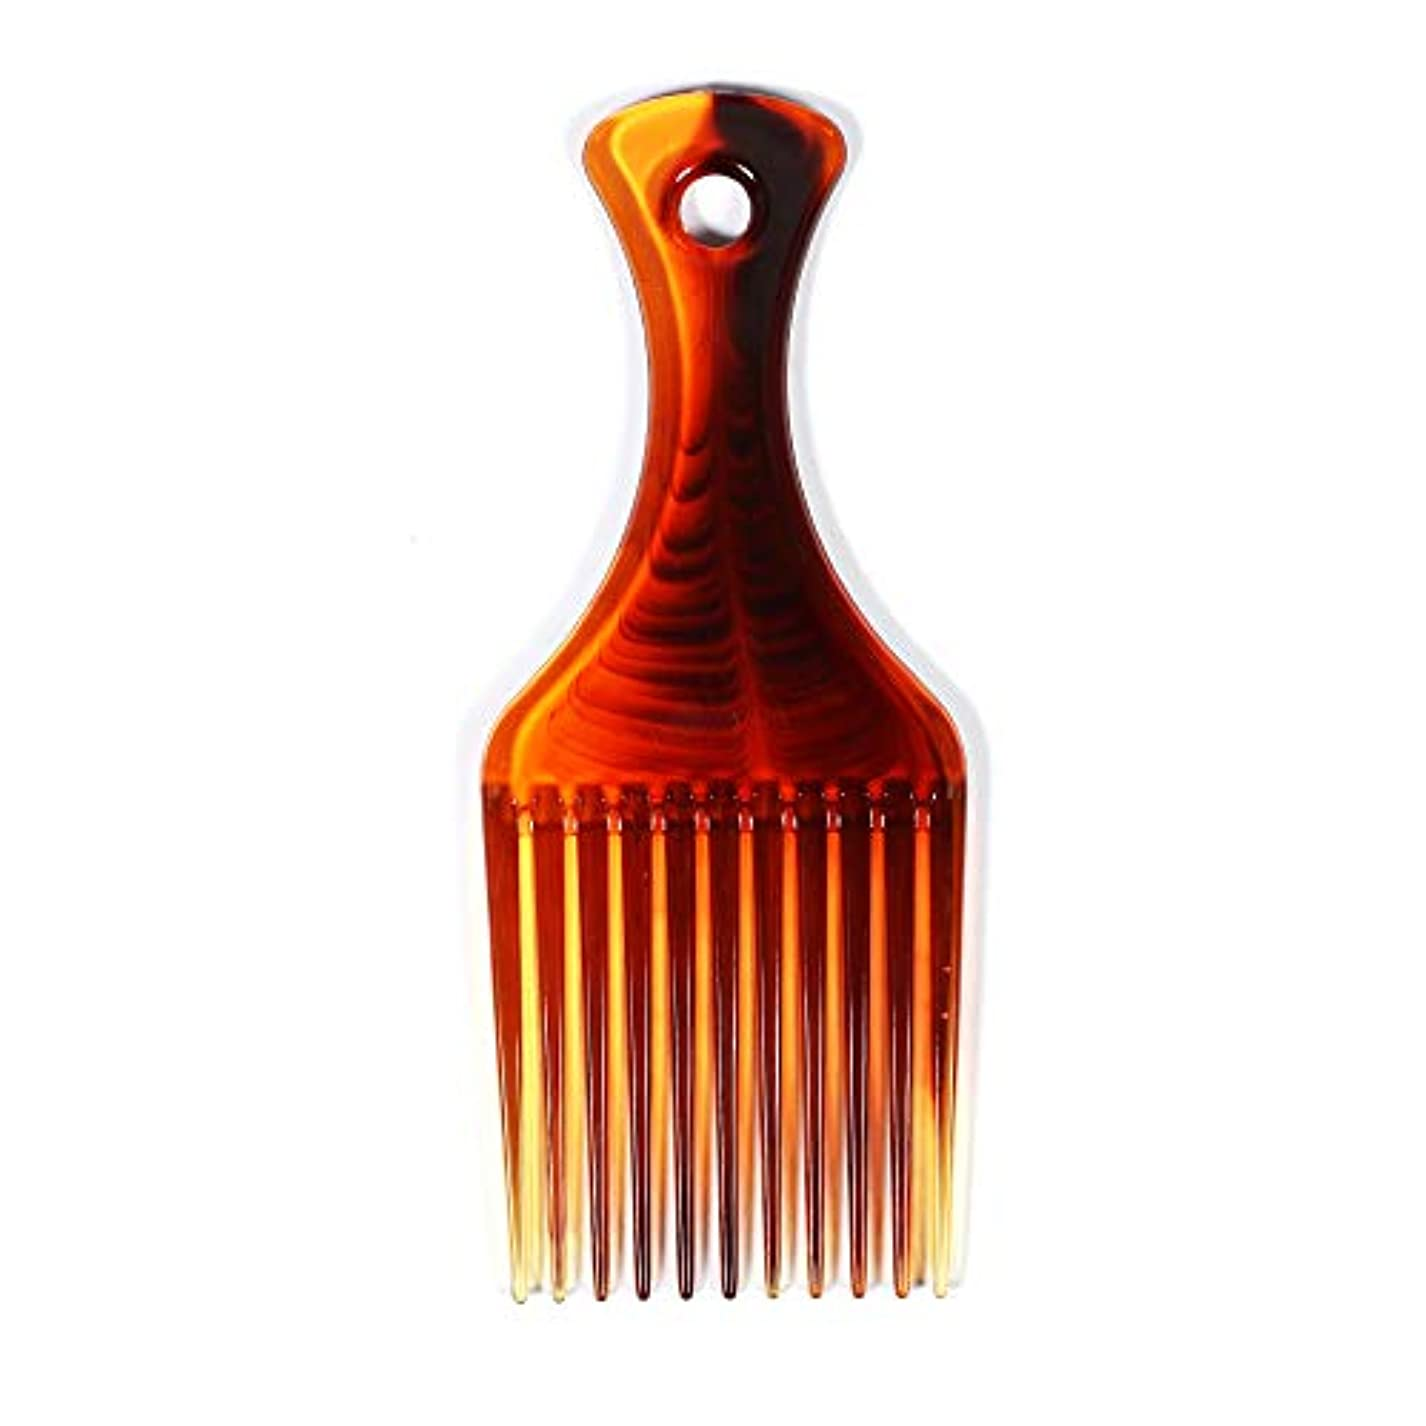 脚本領事館汚染Nrpfell 髪用櫛 髪のフォークコーム 理髪カーリーヘアブラシ、櫛を挿入して ヘアブラシ 男性と女性のためスタイリングツール